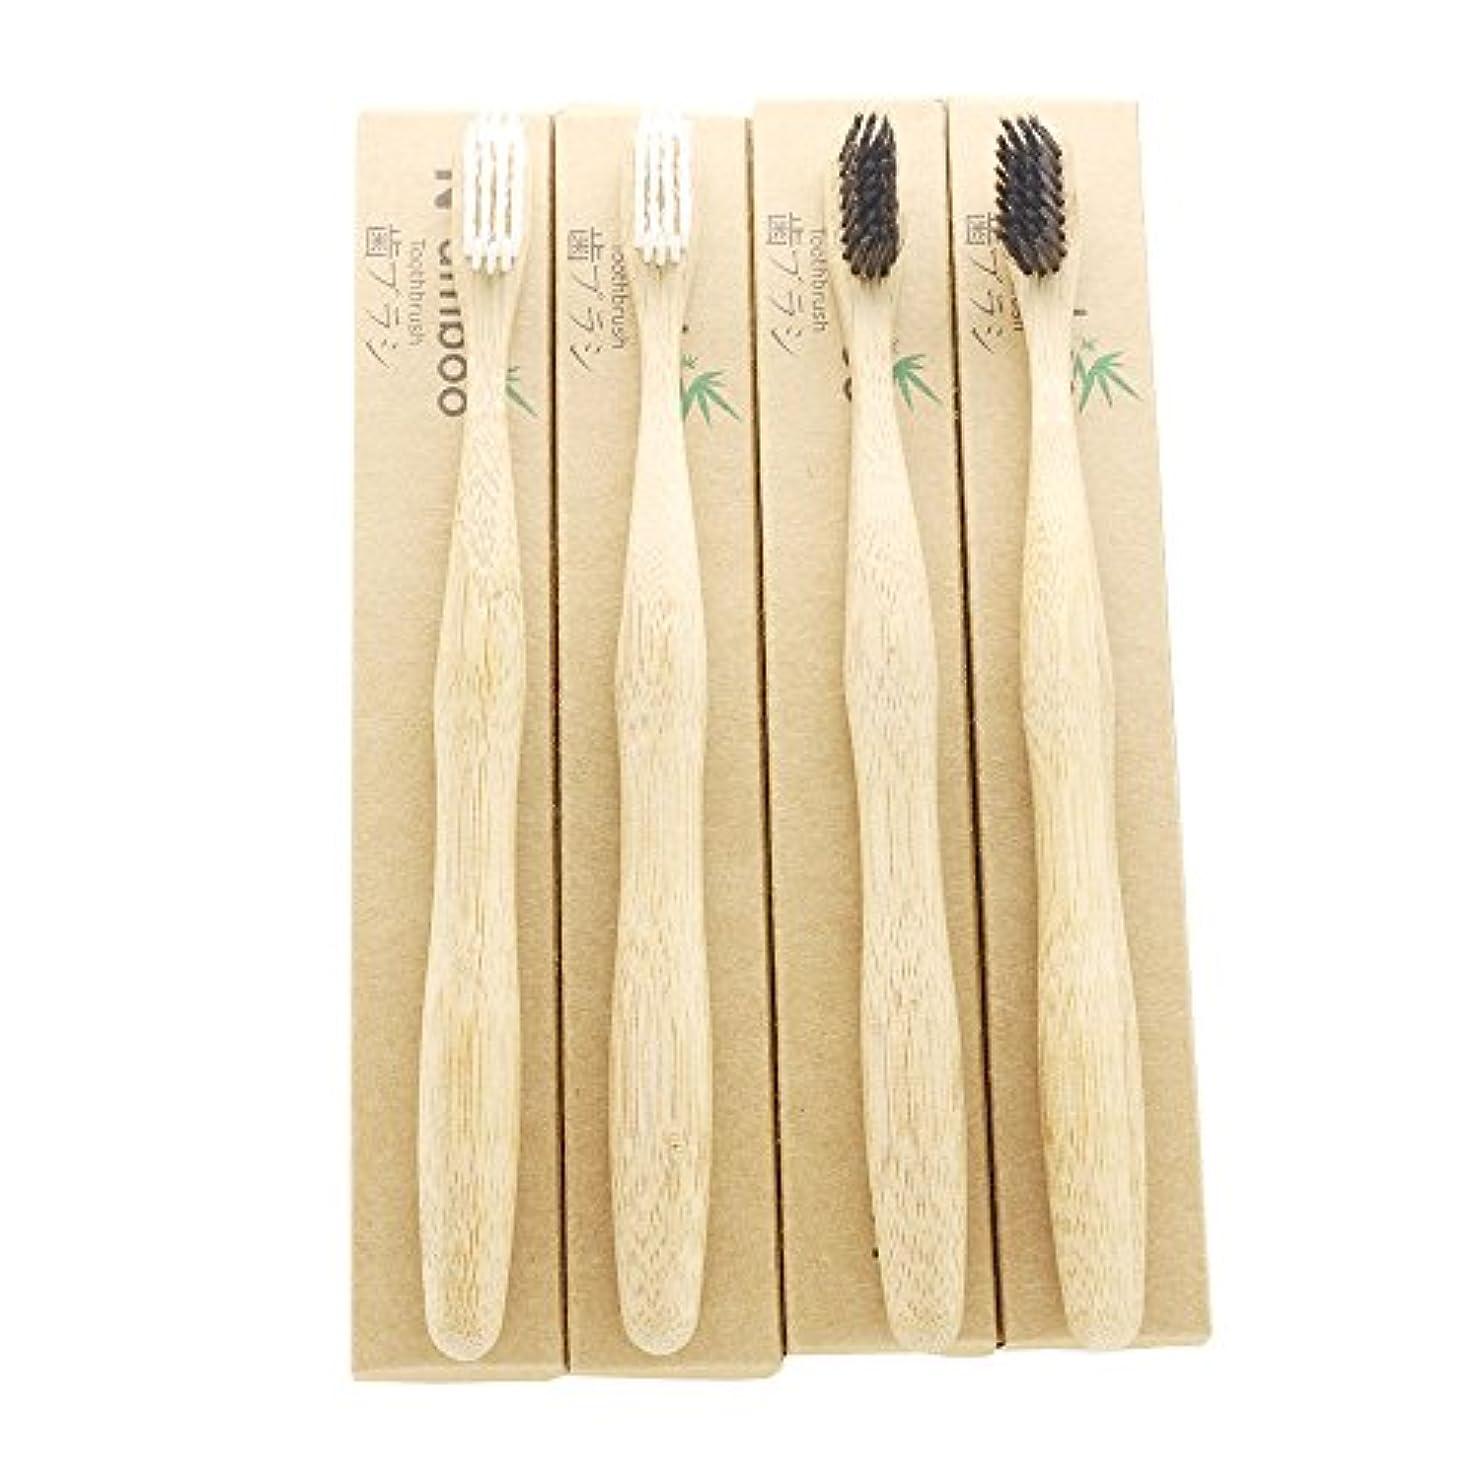 全く講義回るN-amboo 竹製 歯ブラシ 高耐久性 白と黒 セット エコ (4本)